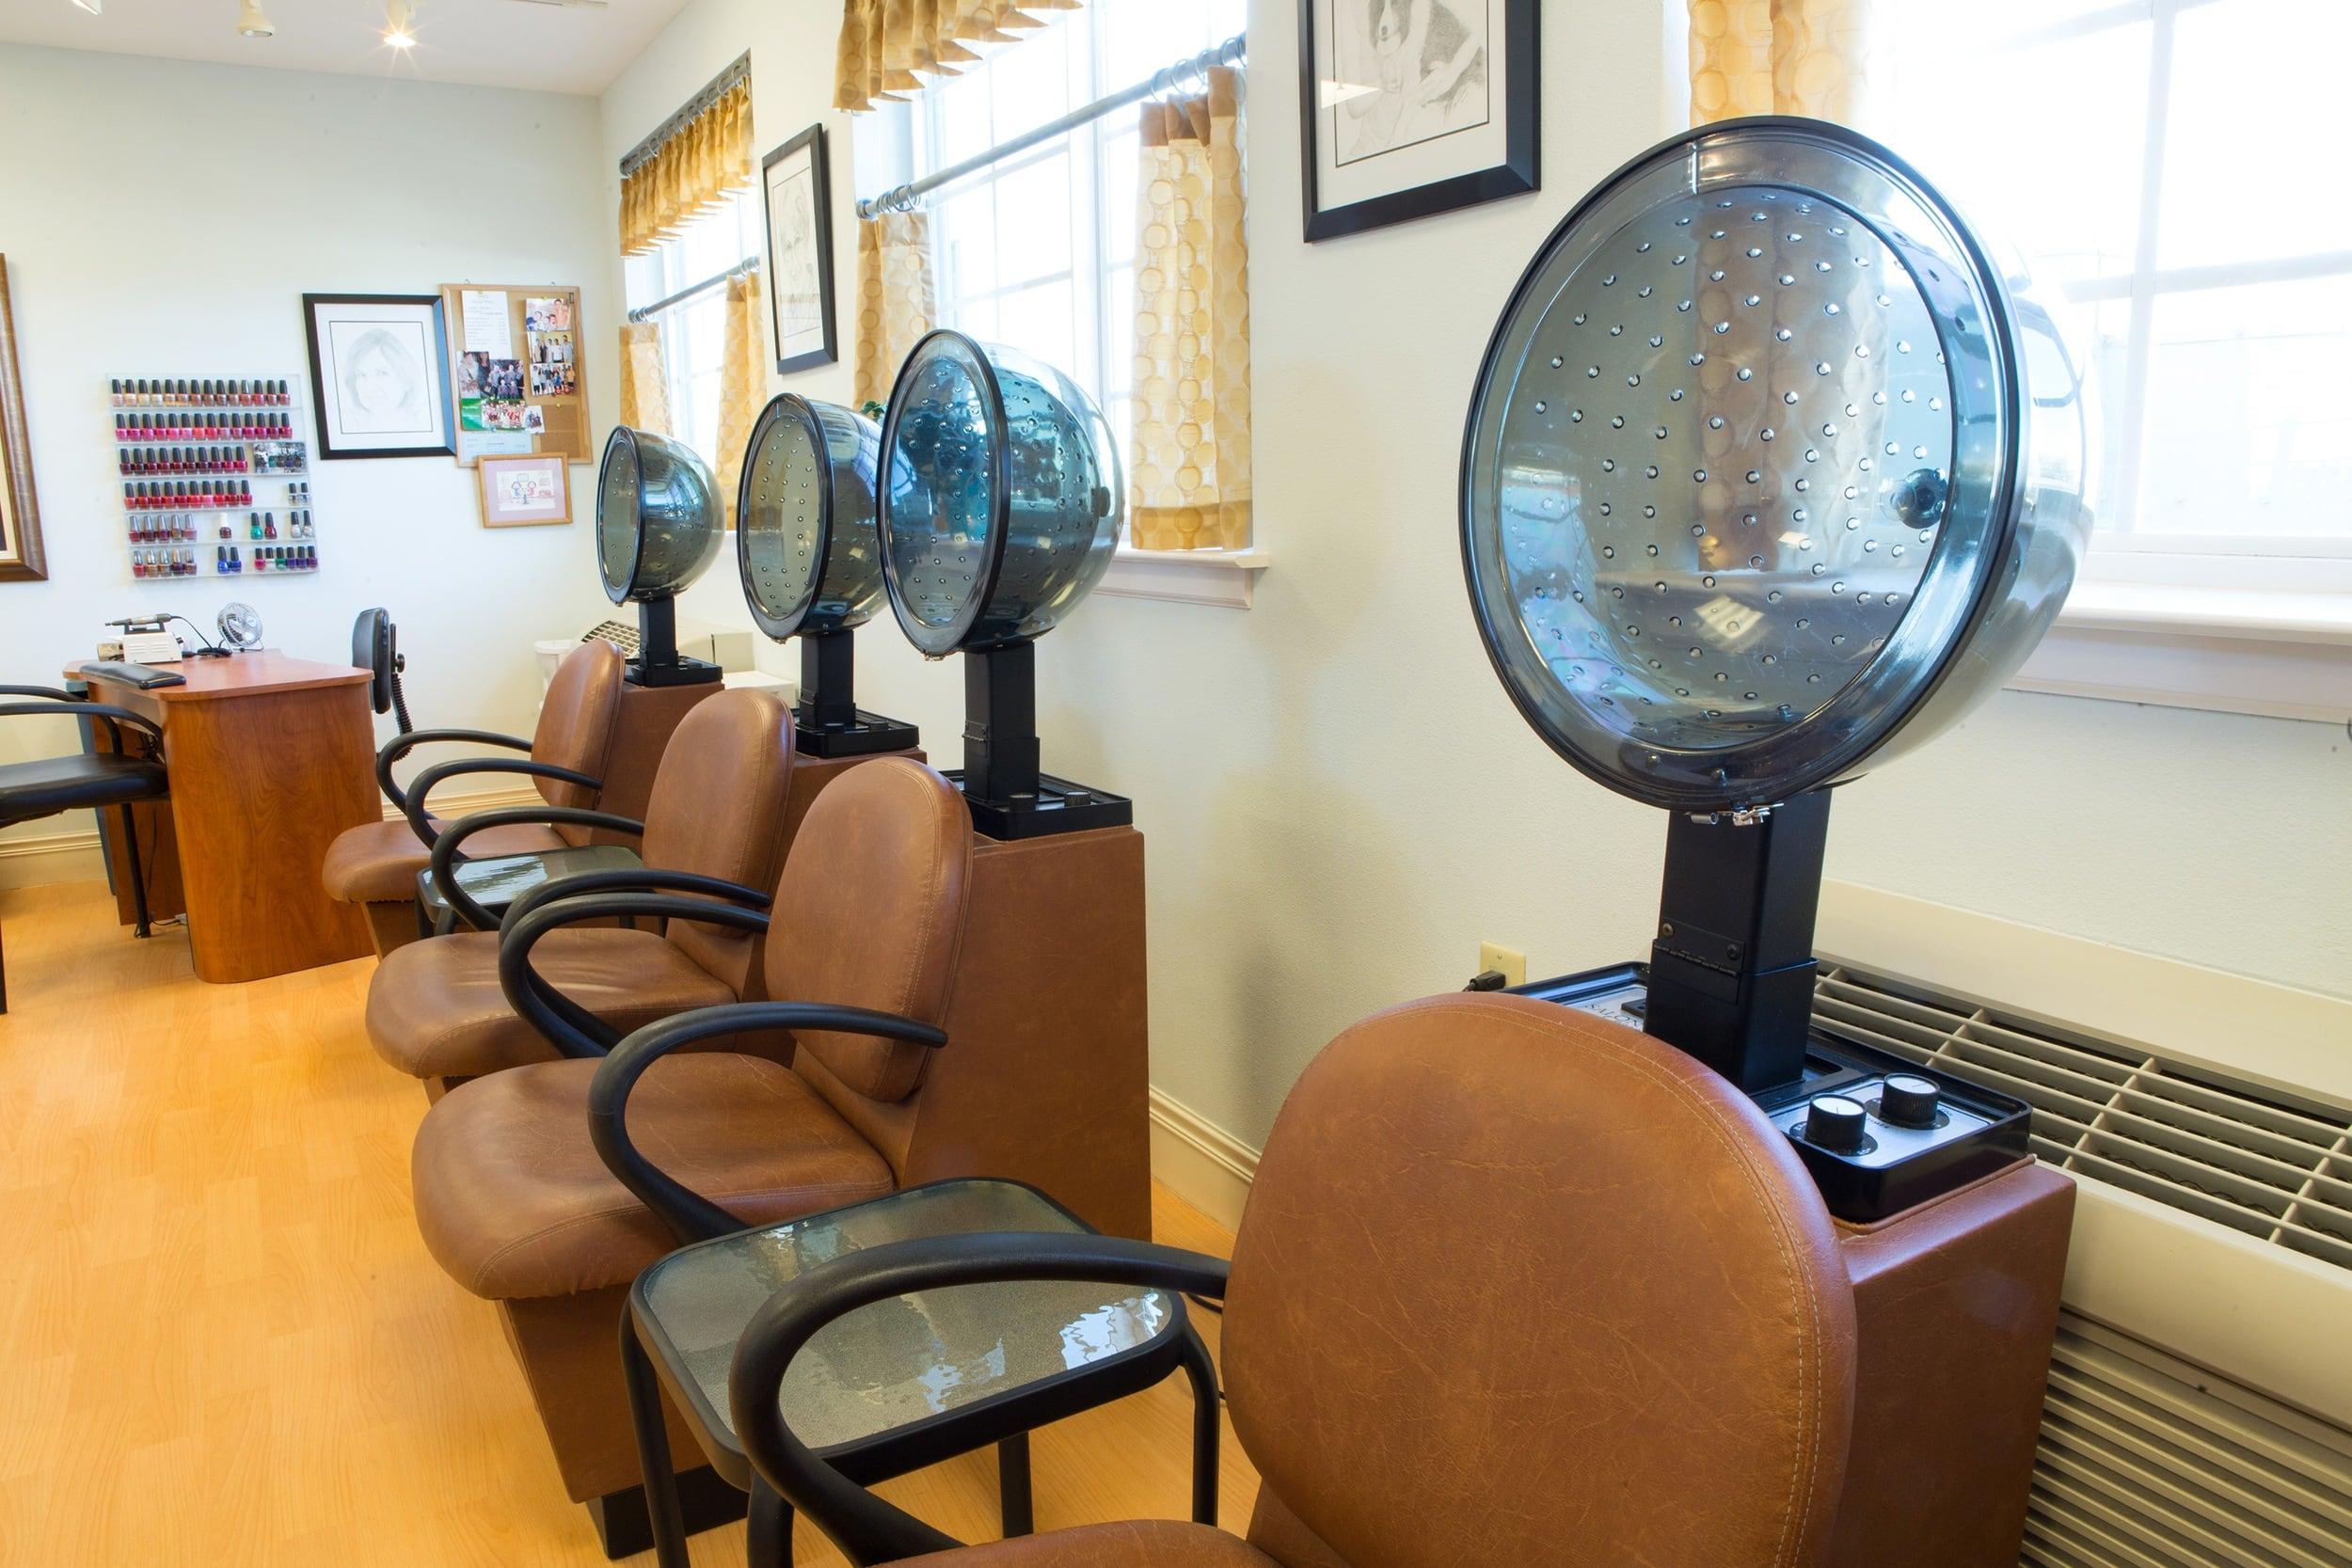 Salon at Shawnee Hills